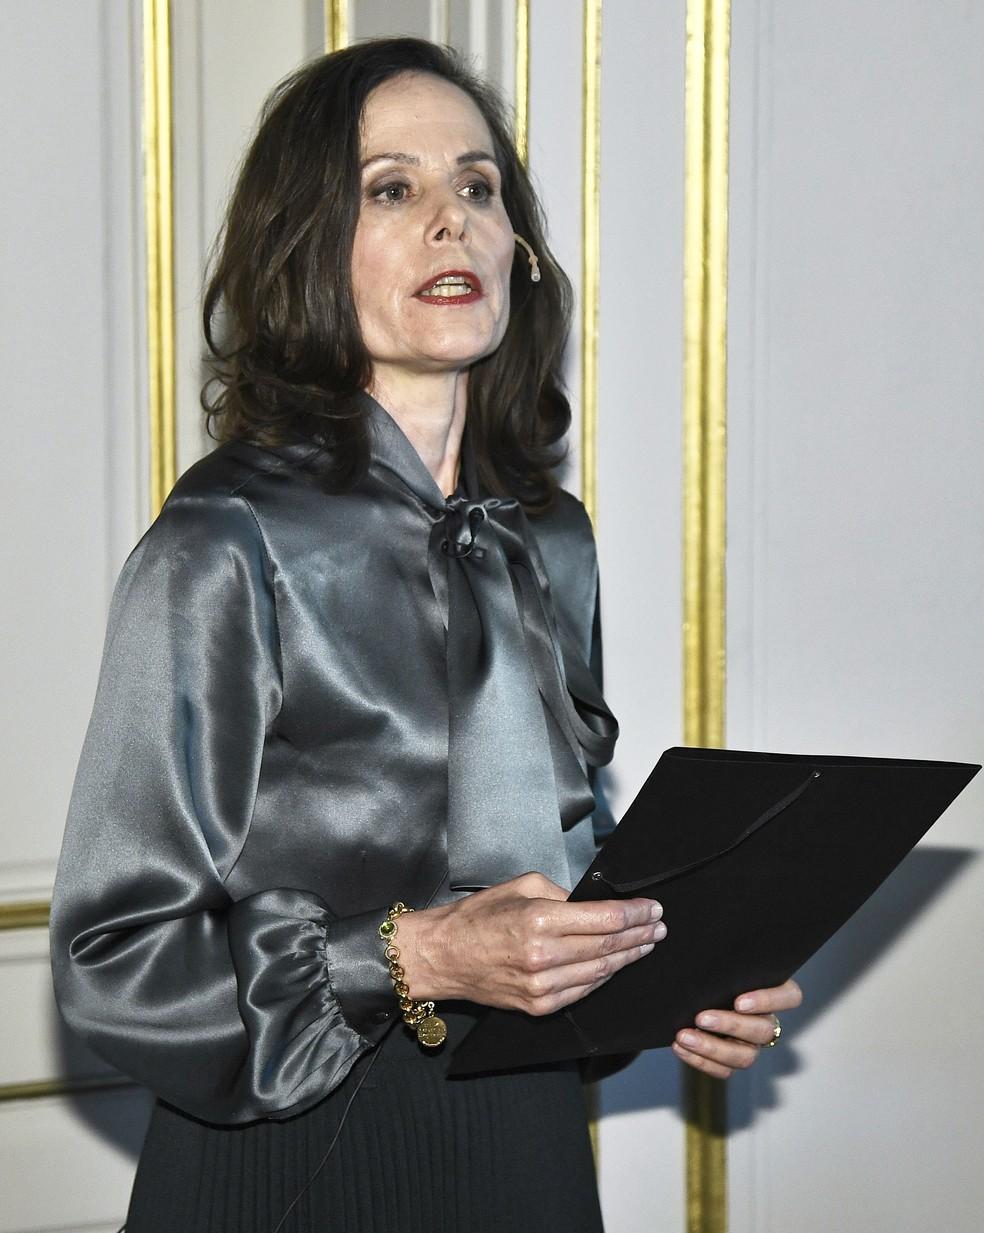 Sara Danius, Secretária Permanente da Academia Sueca, anuncia o vencedor do Nobel de Literatura 2017 (Foto: Claudio Bresciani/TT via AP)